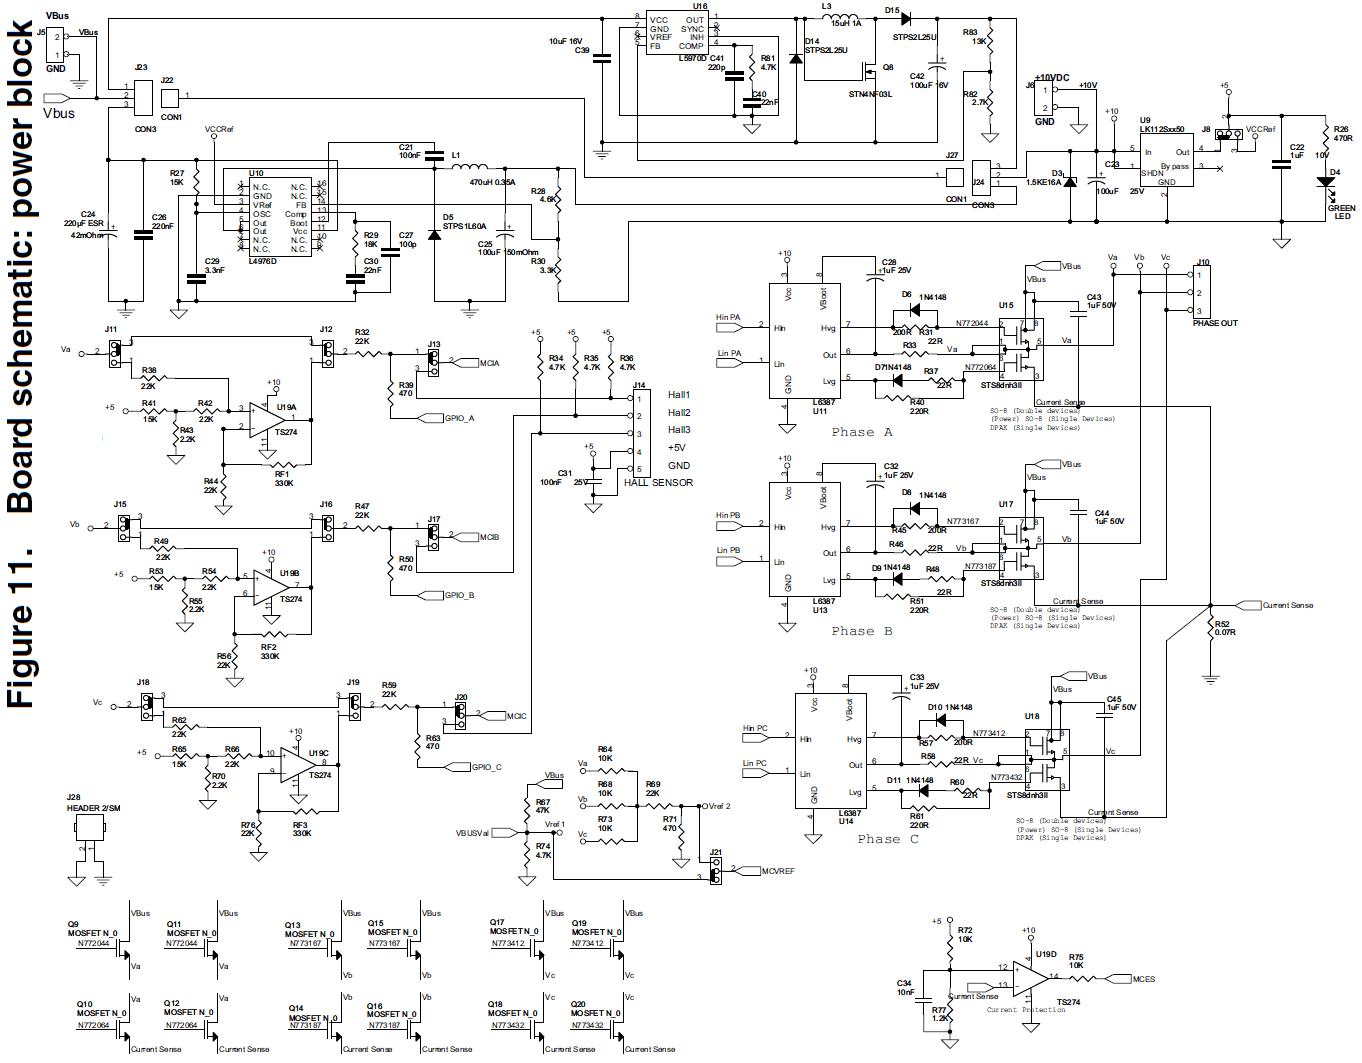 Bldc Motor Controller Schematics